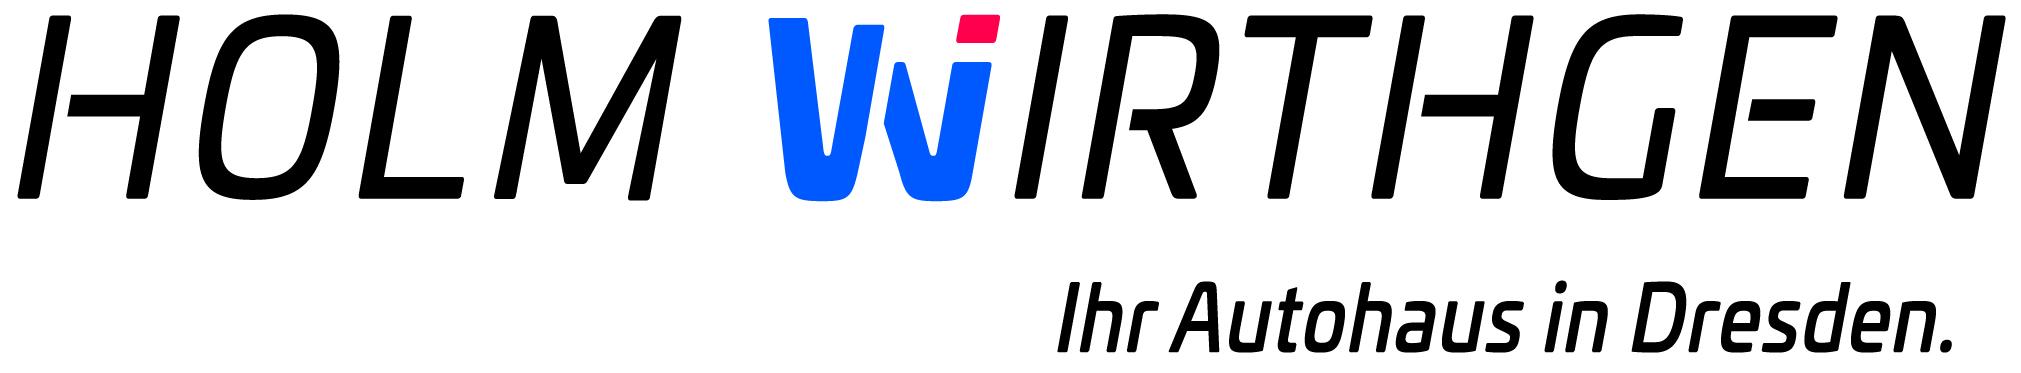 Autohaus Holm Wirthgen GmbH und Co. KG